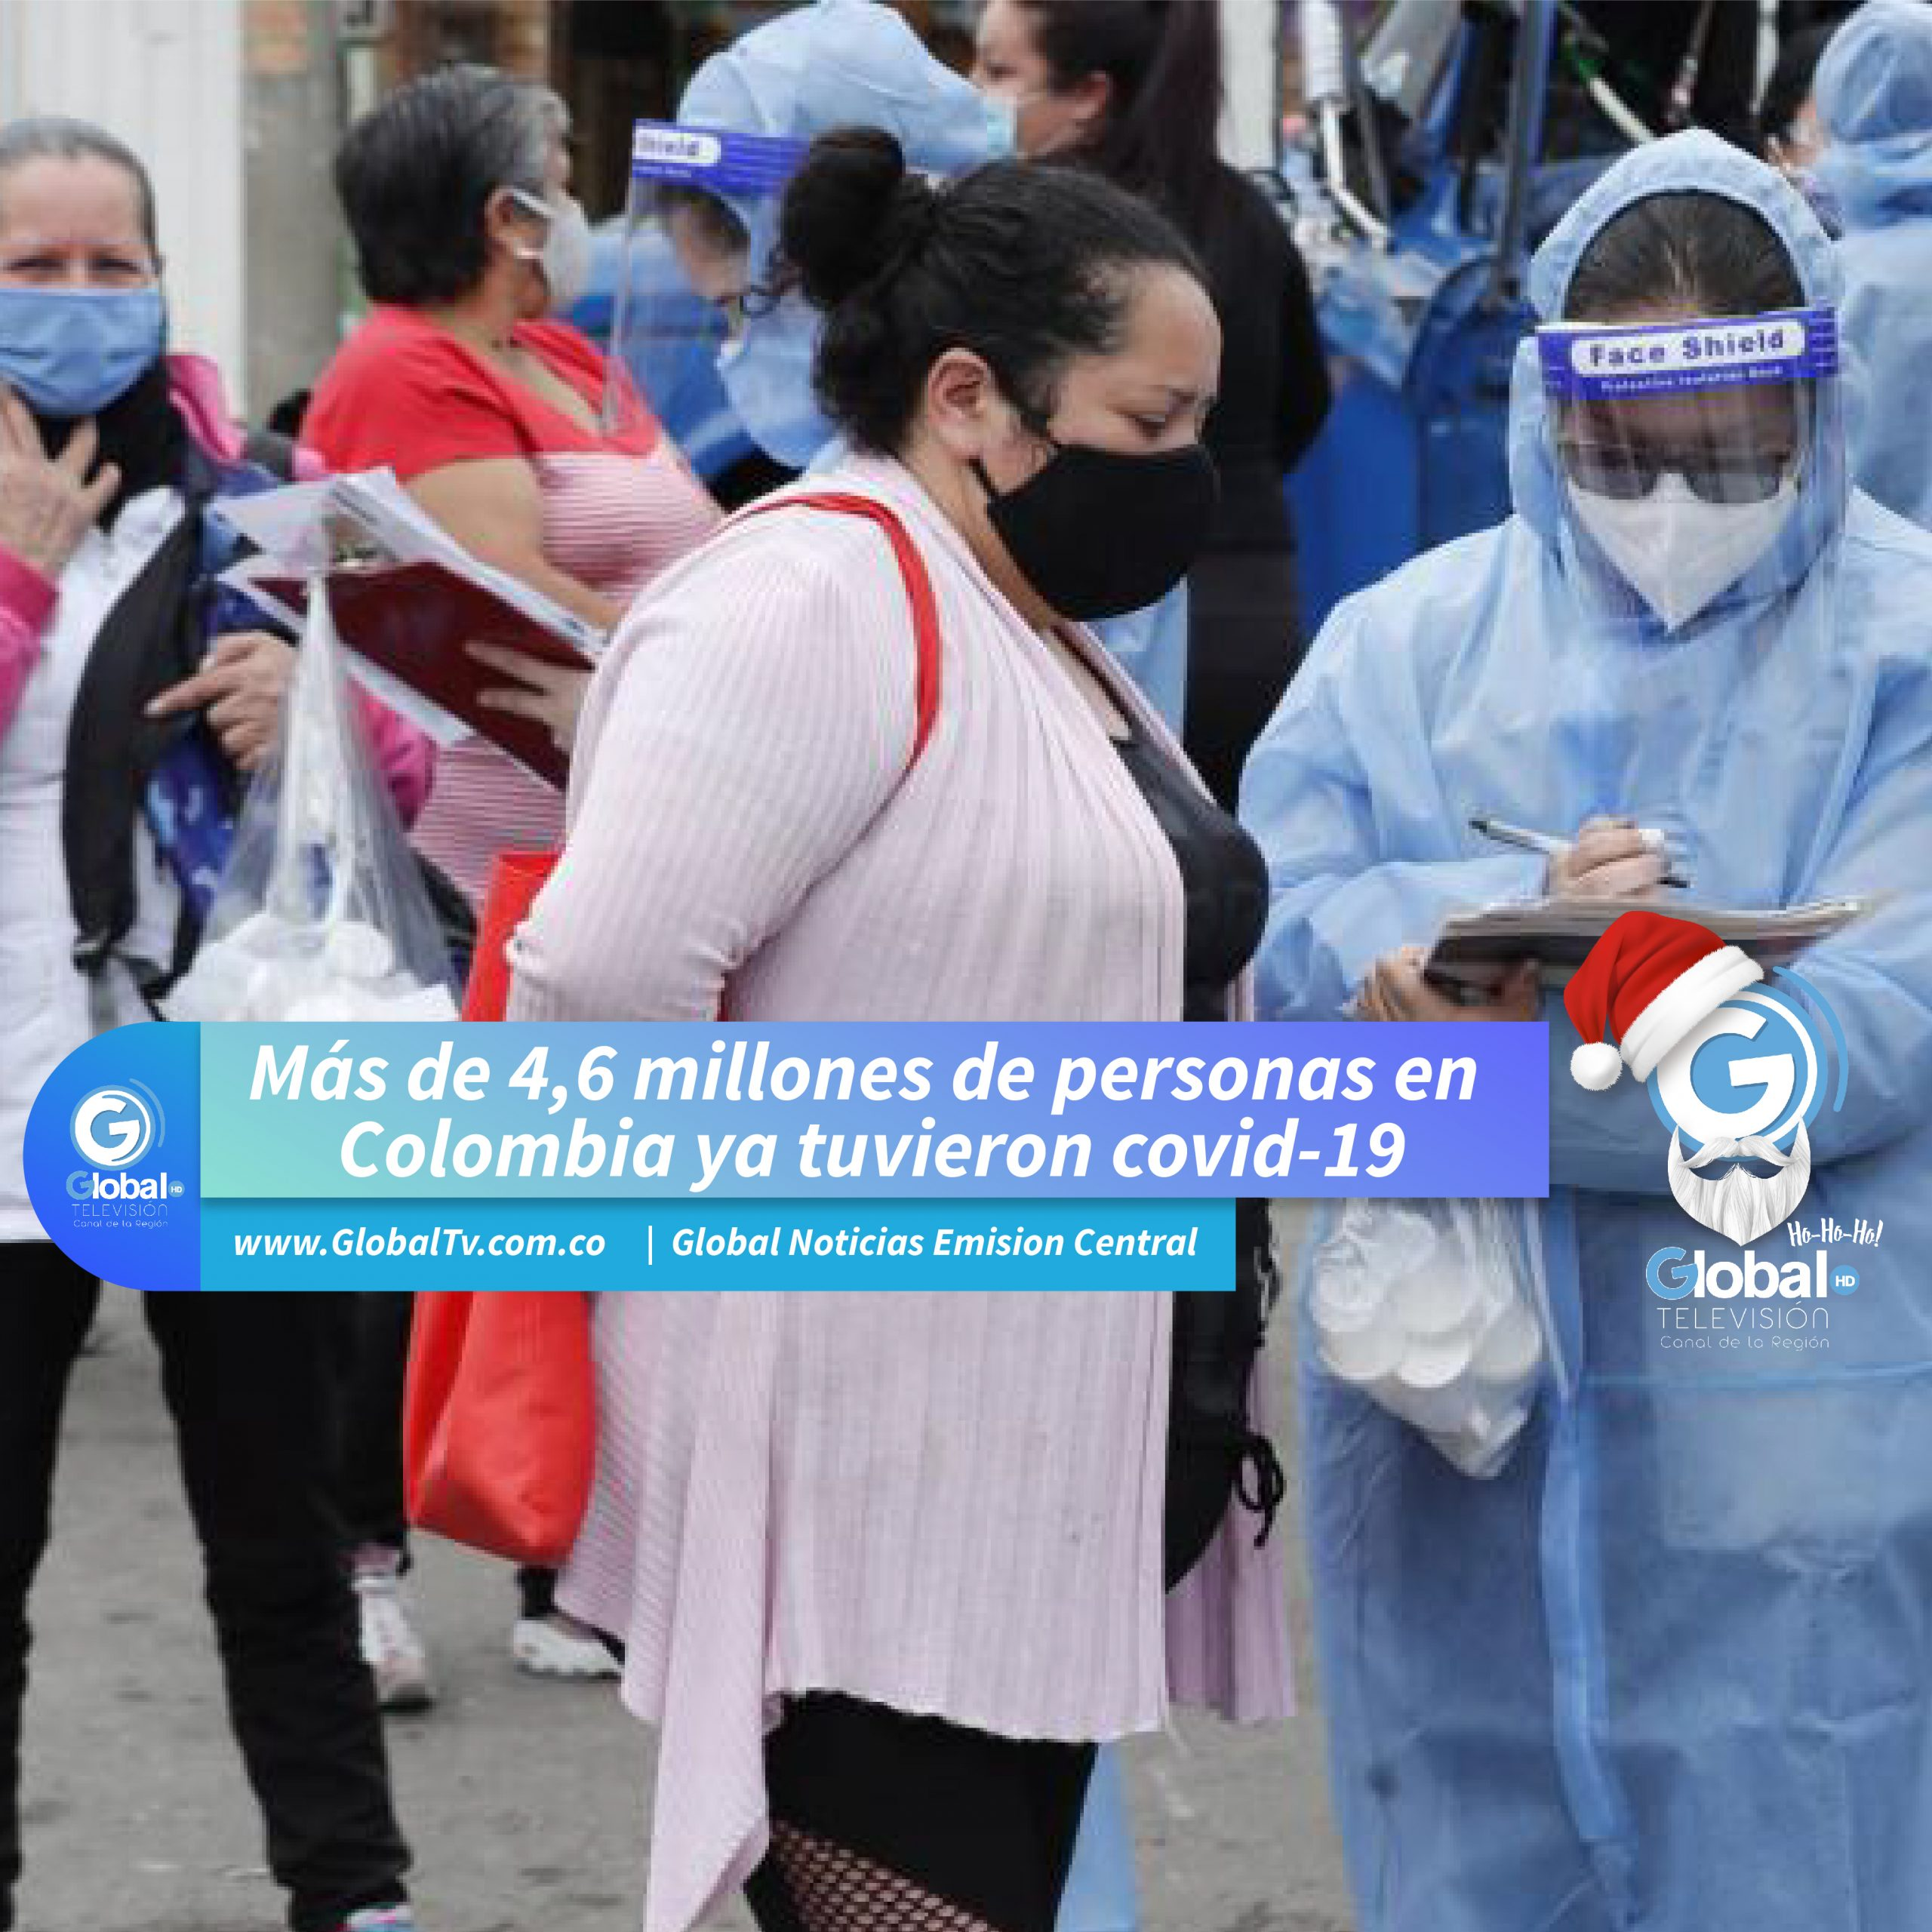 Más de 4,6 millones de personas en Colombia ya tuvieron covid-19